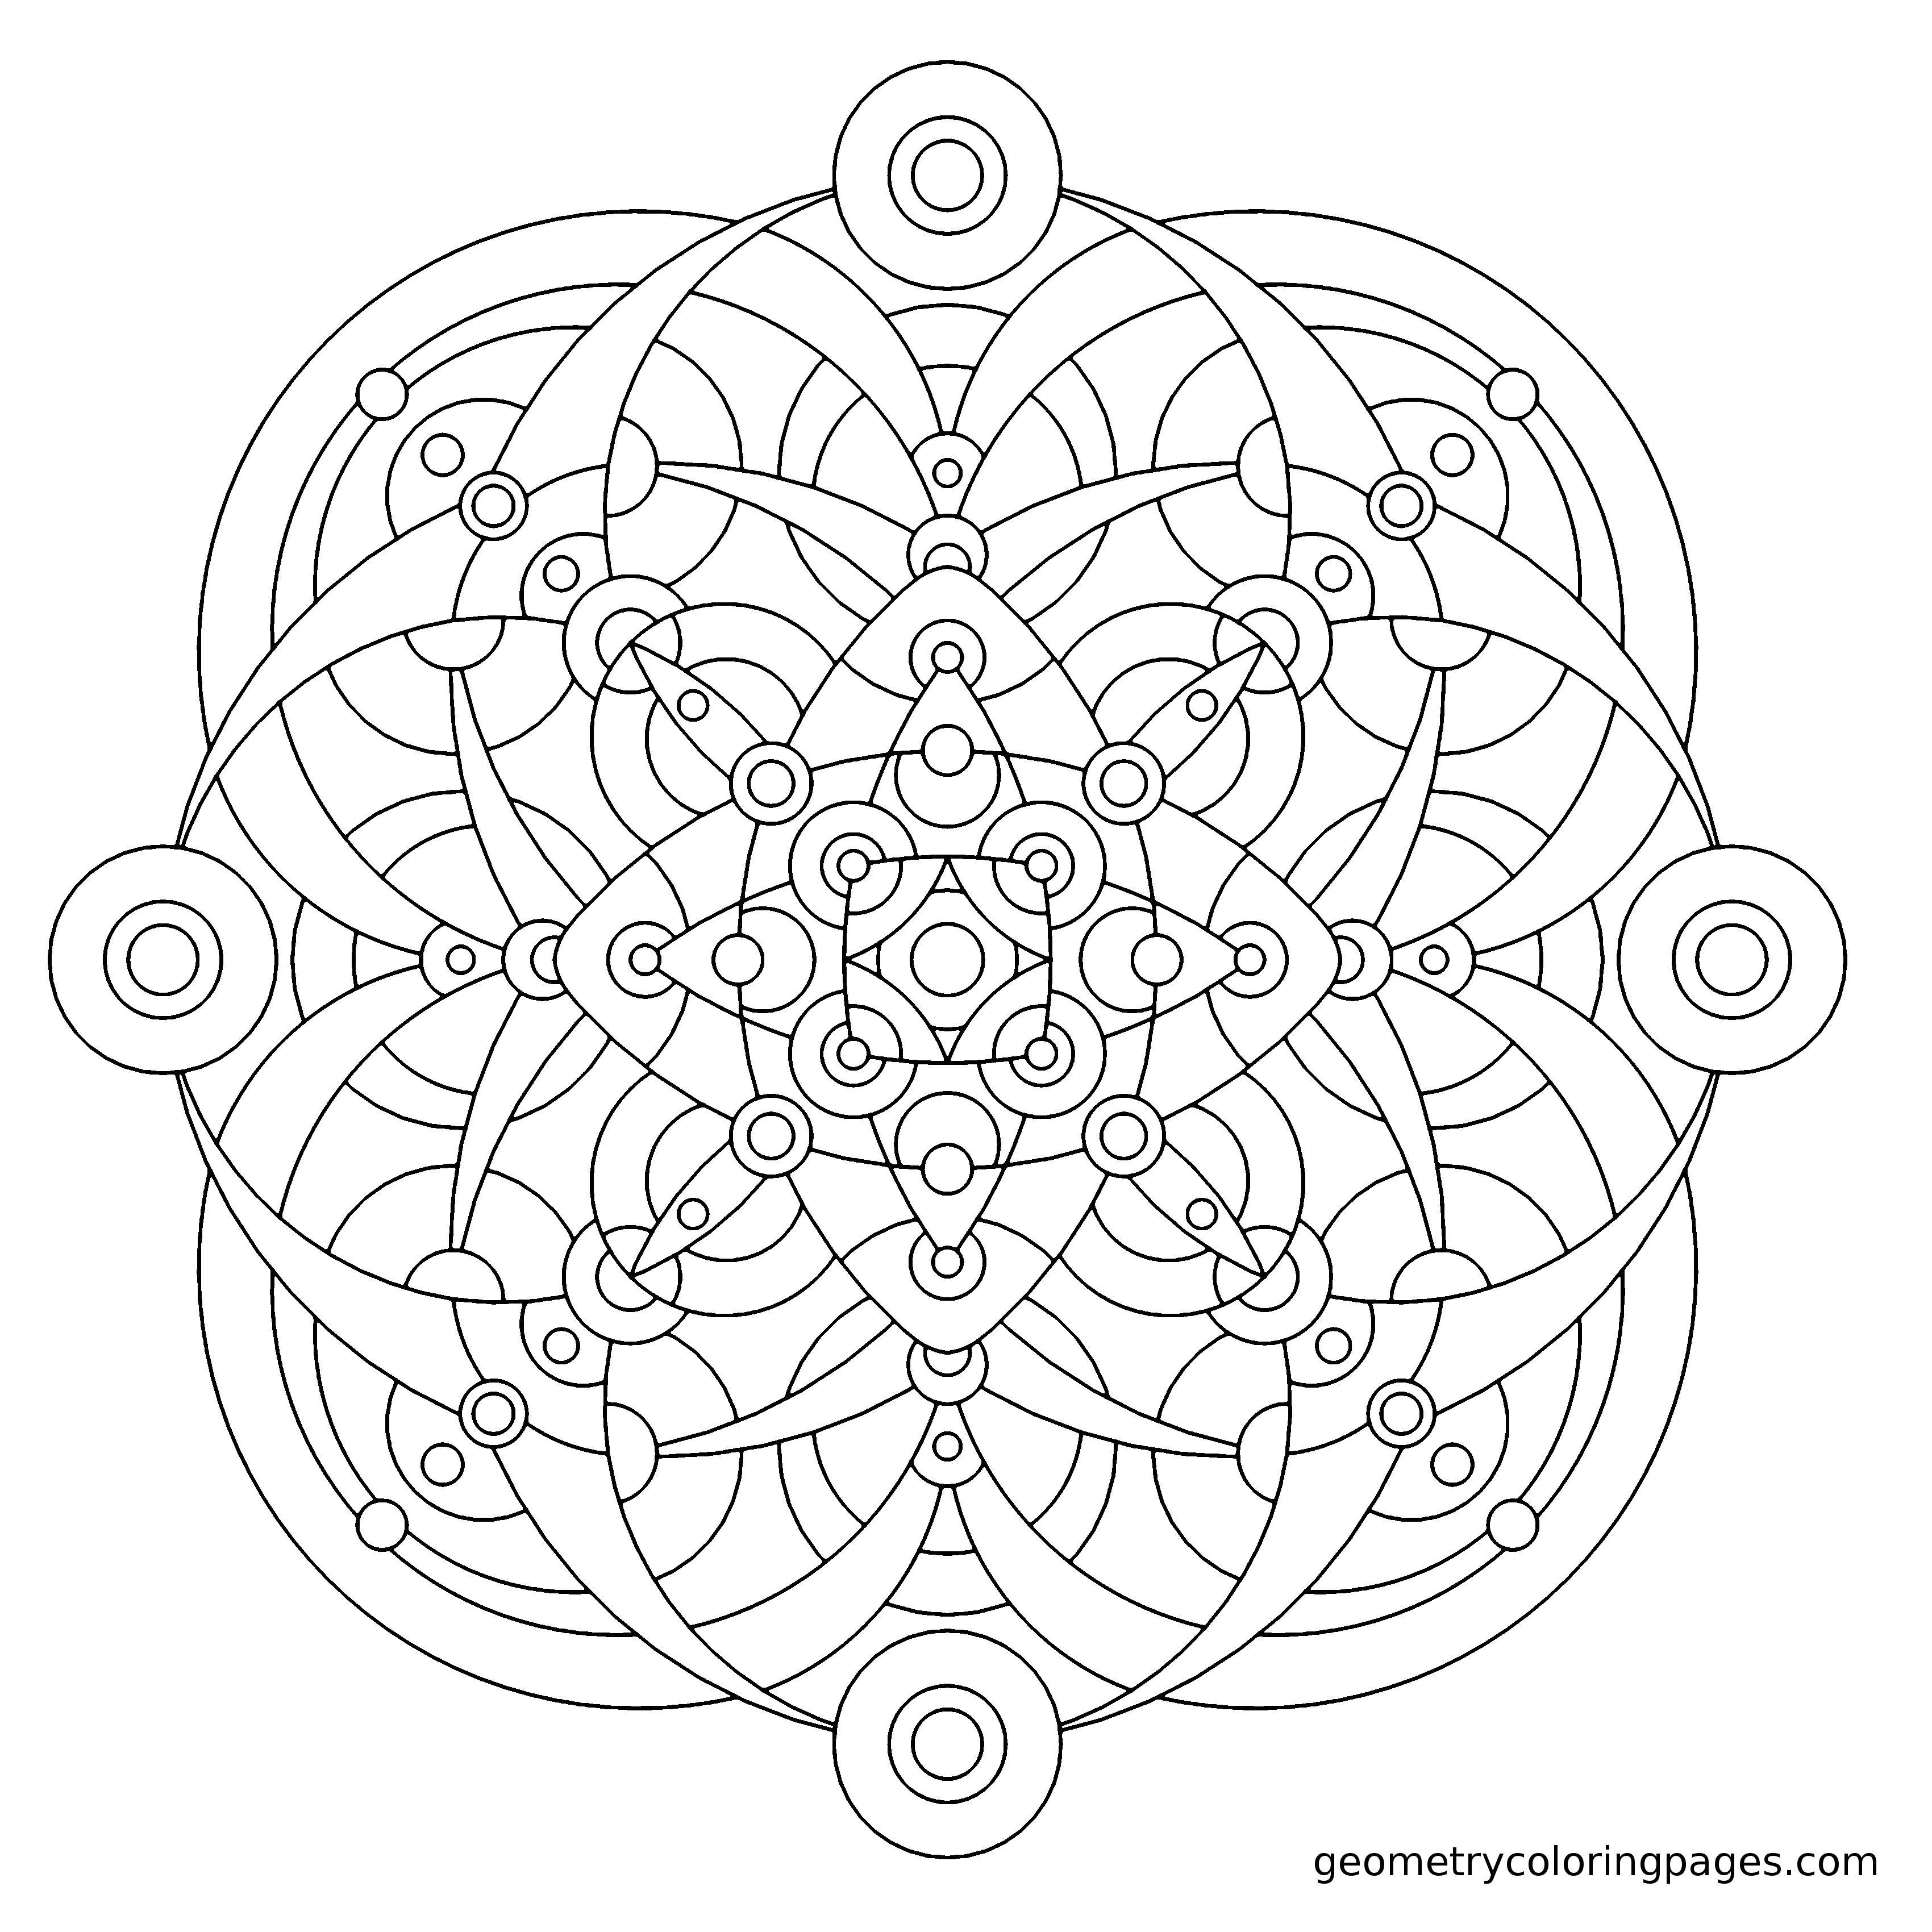 Tolle Leicht Bedruckbare Mandala Malvorlagen Ideen - Malvorlagen Von ...